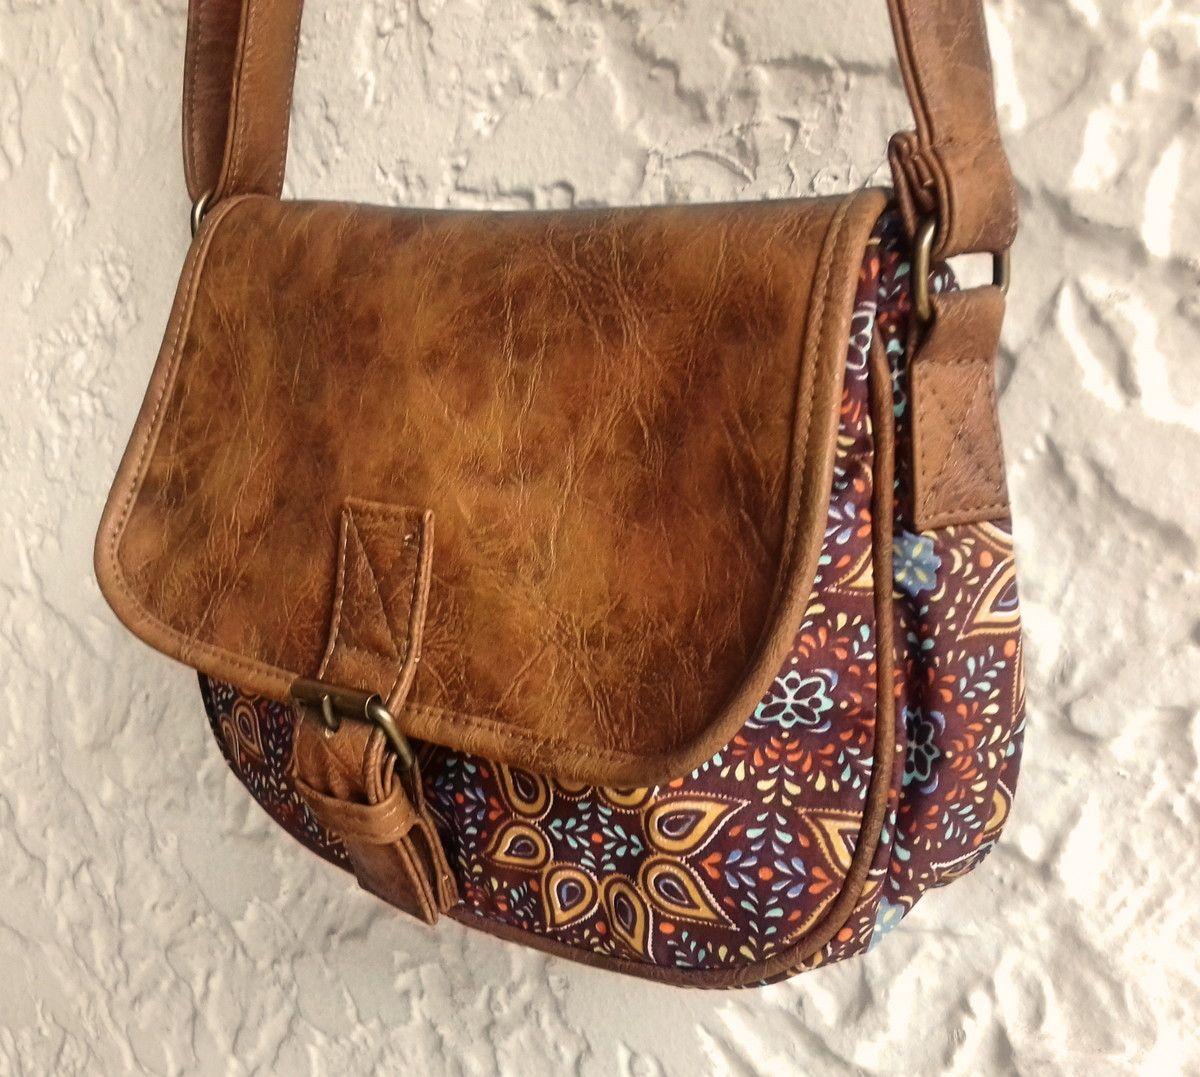 de092d9a1 Bolsa tiracolo em tecido estampa folk, dublado 100% algodão e tampa em couro  ecológico